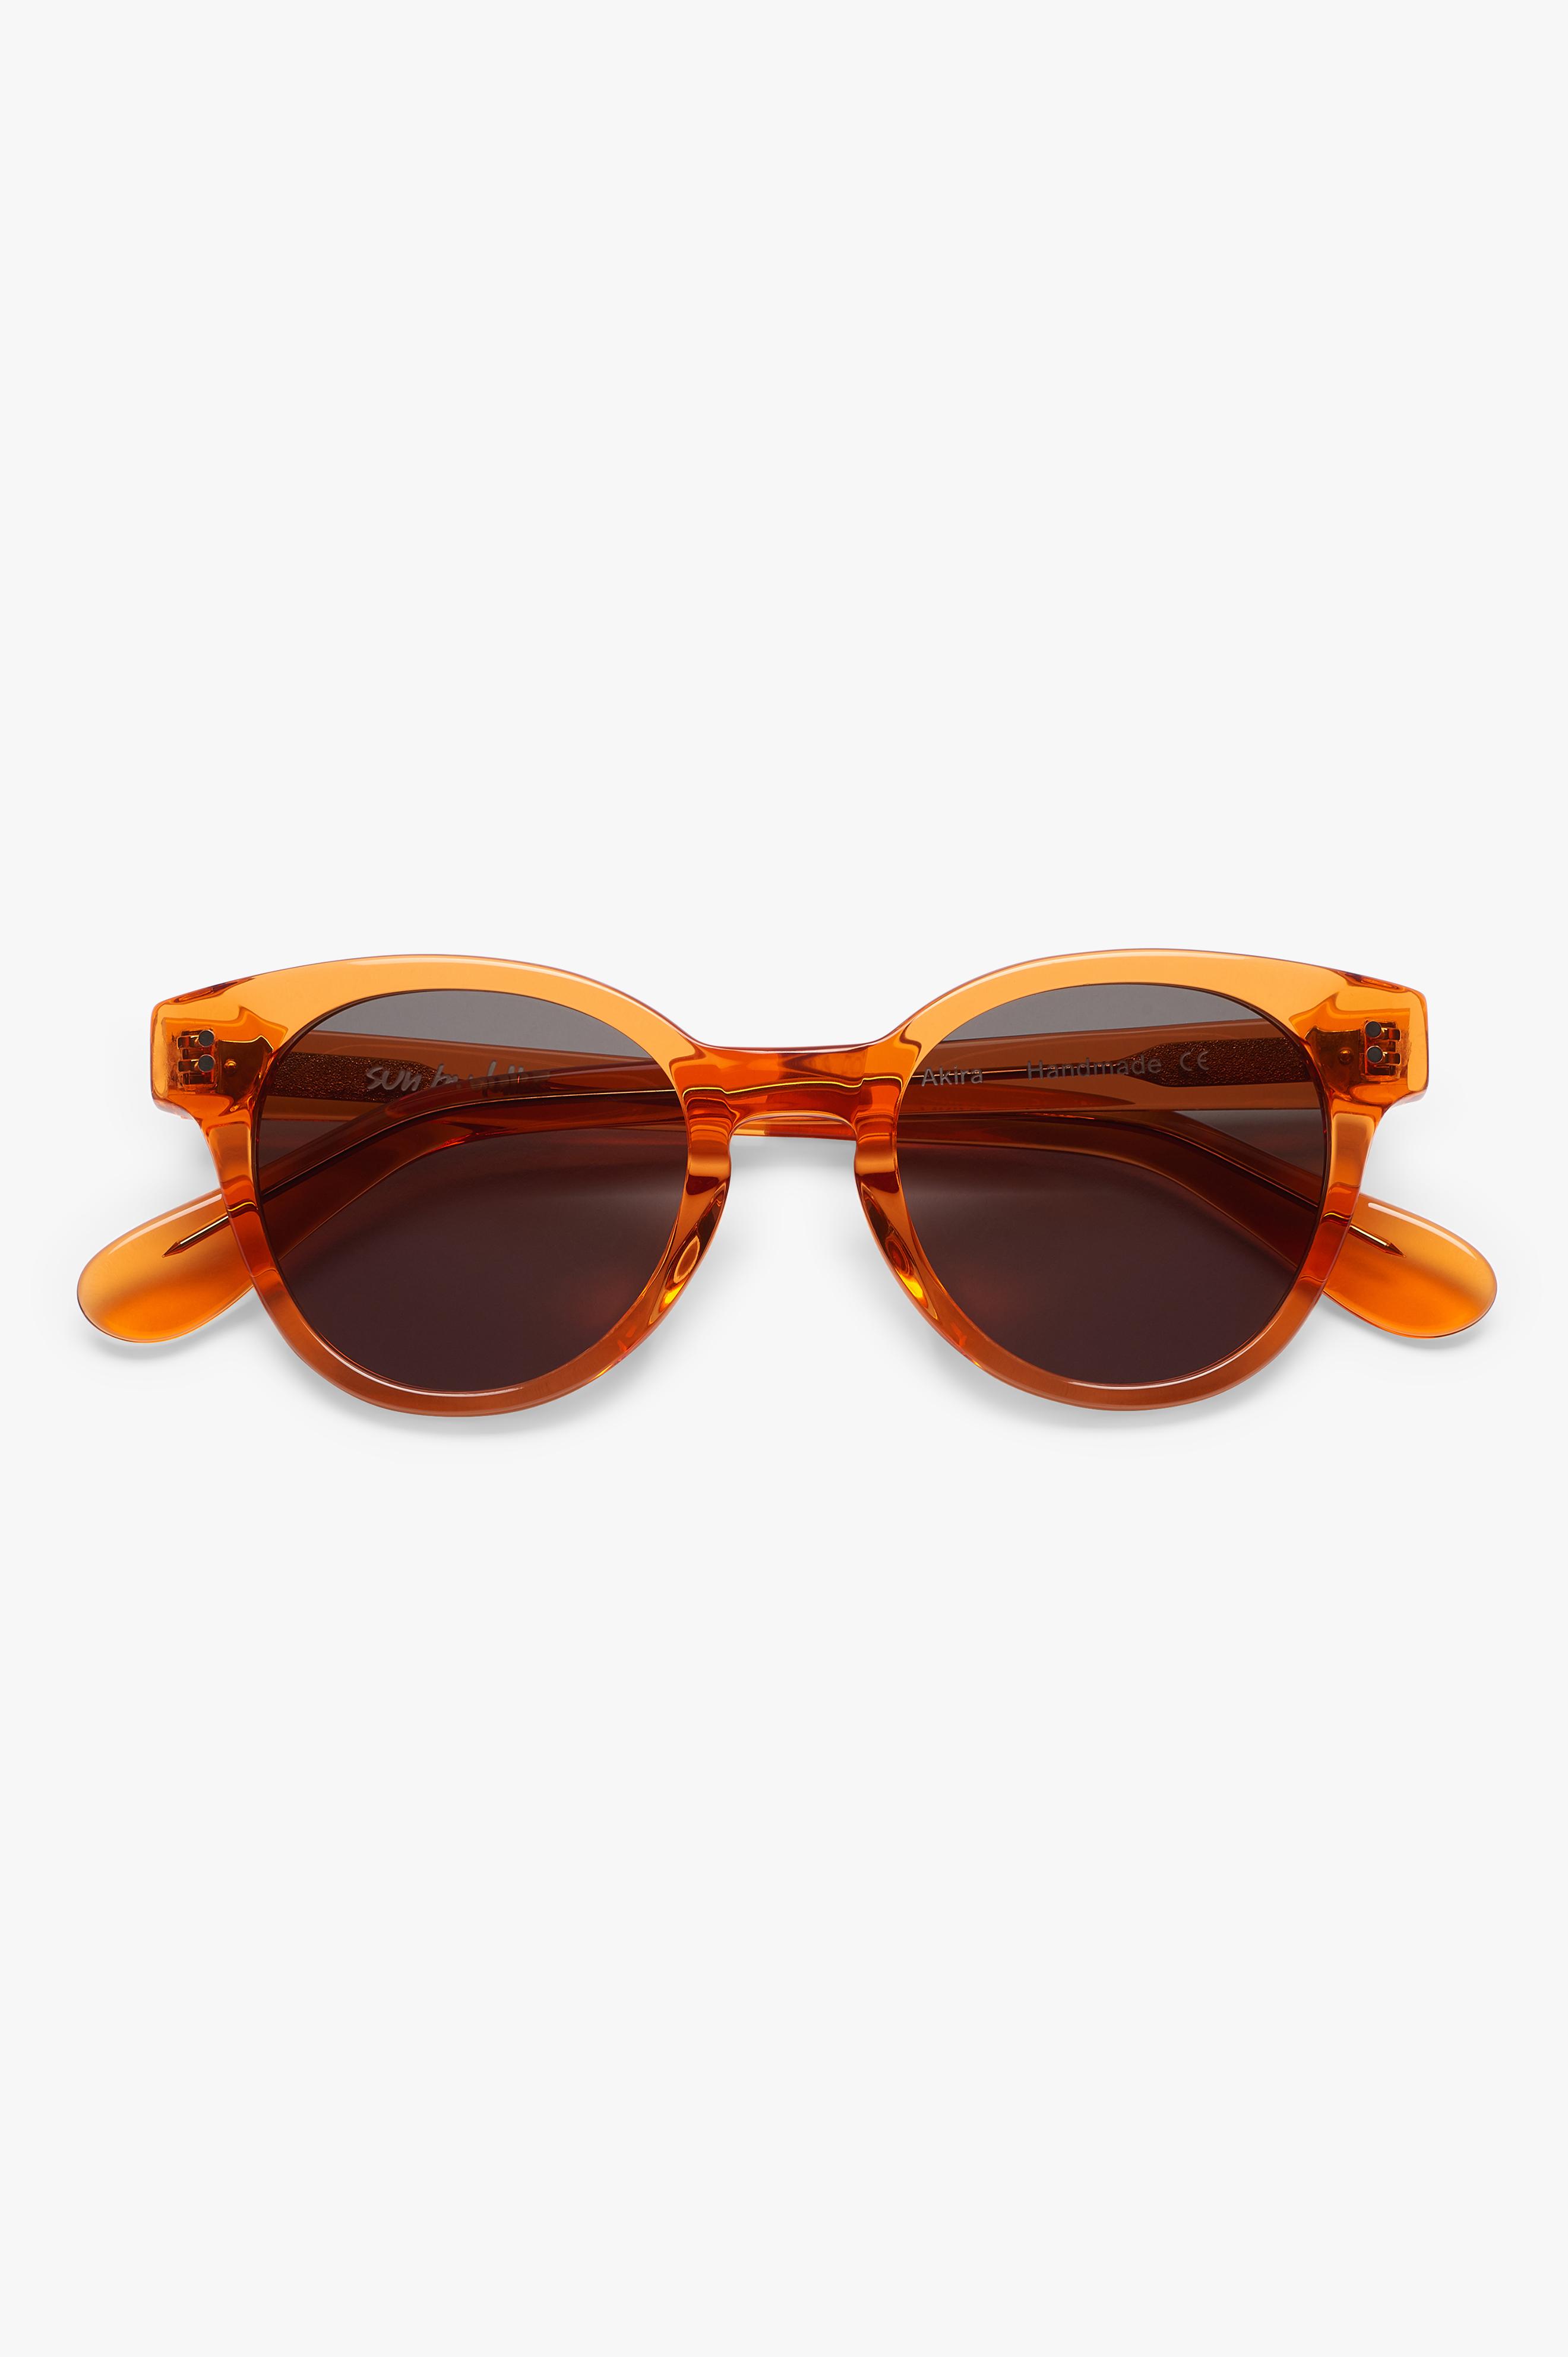 Akira Sunglasses Maple Syrup